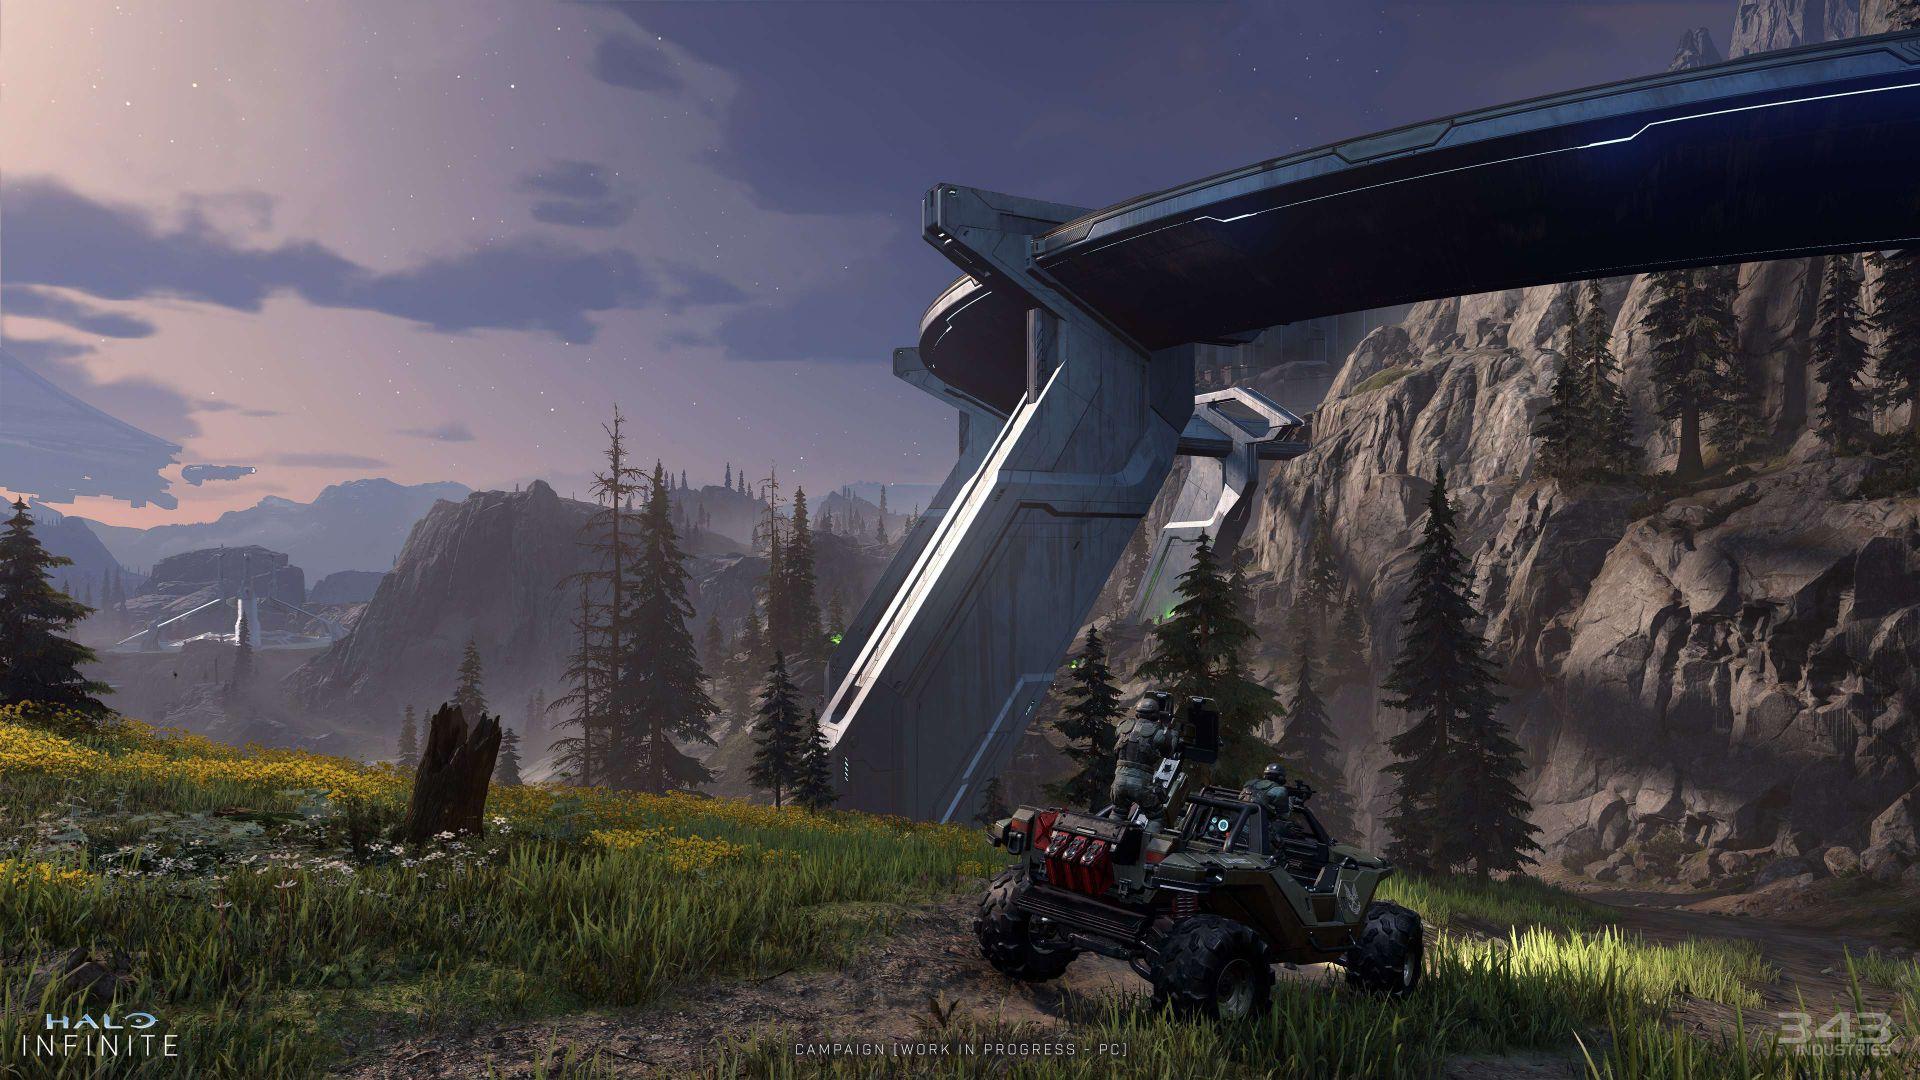 Se muestran nuevas capturas in game de Halo Infinite mostrando una gran mejoría respecto a la demo de julio - 343 Industries ha soltado una nueva tanda de información sobre Halo Infinite y ha mostrado nuevas imágenes sobre Zeta Halo.